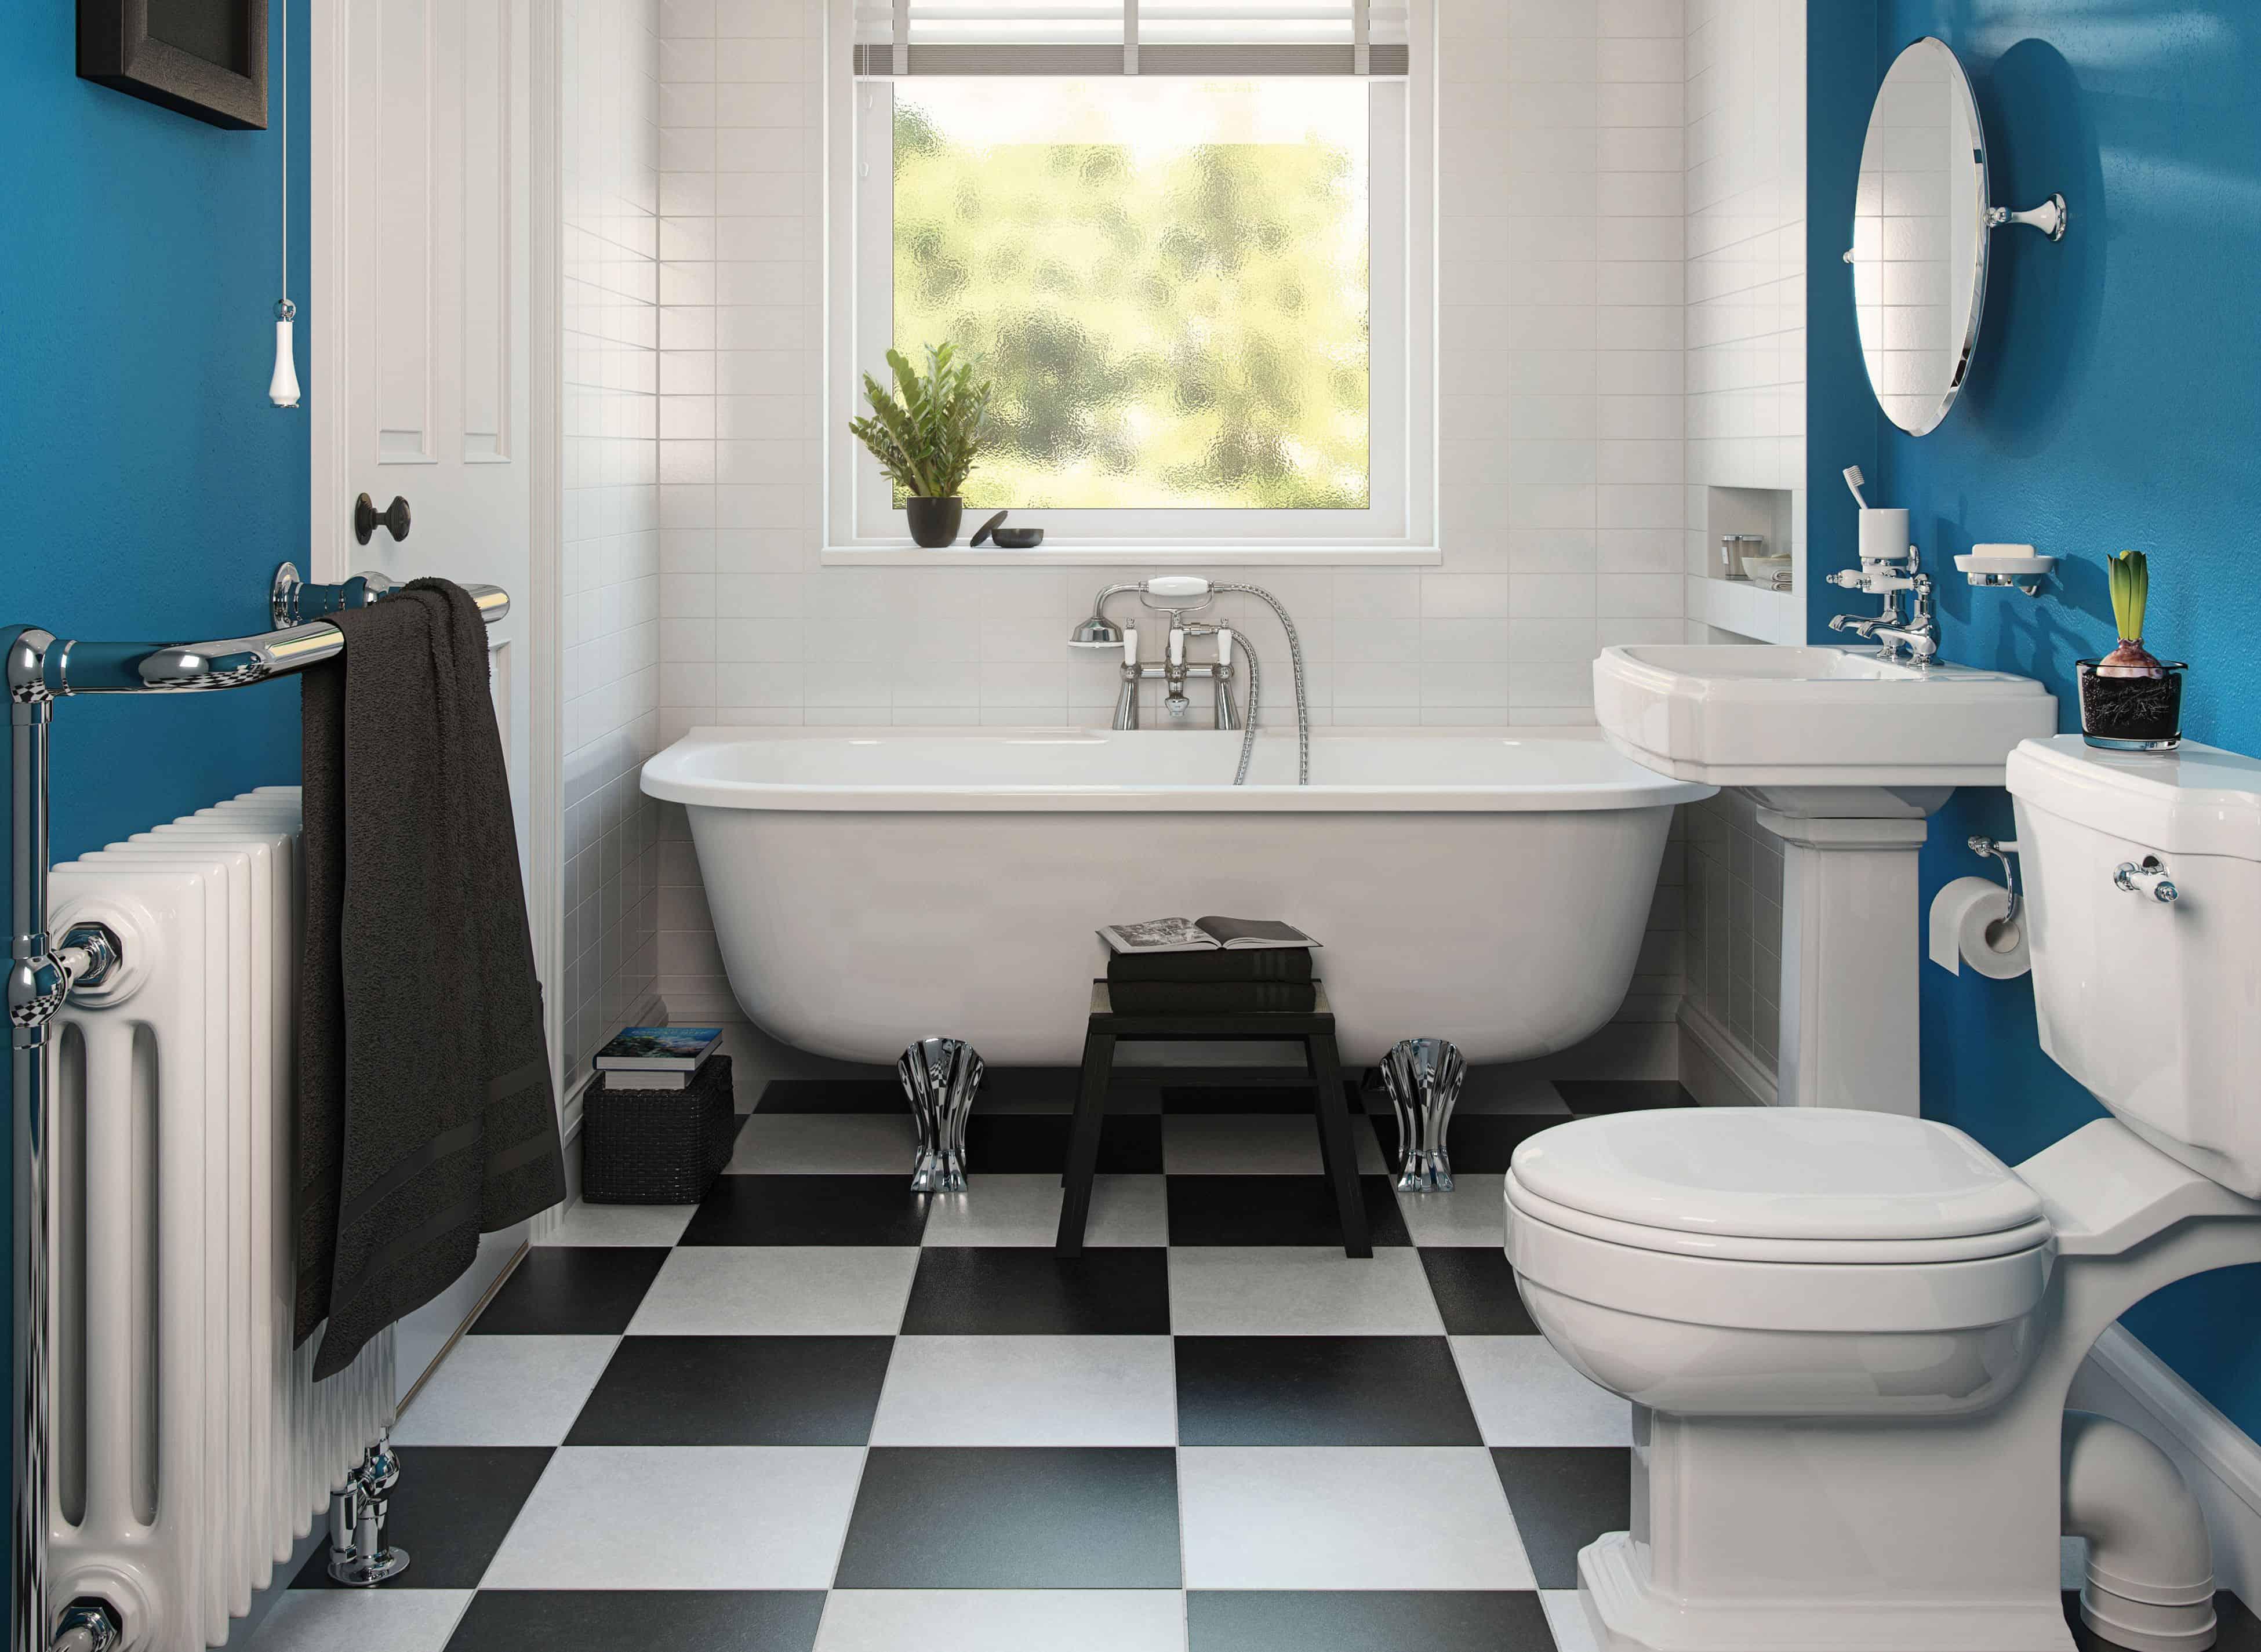 26 Banheiro com banheira classico antigo